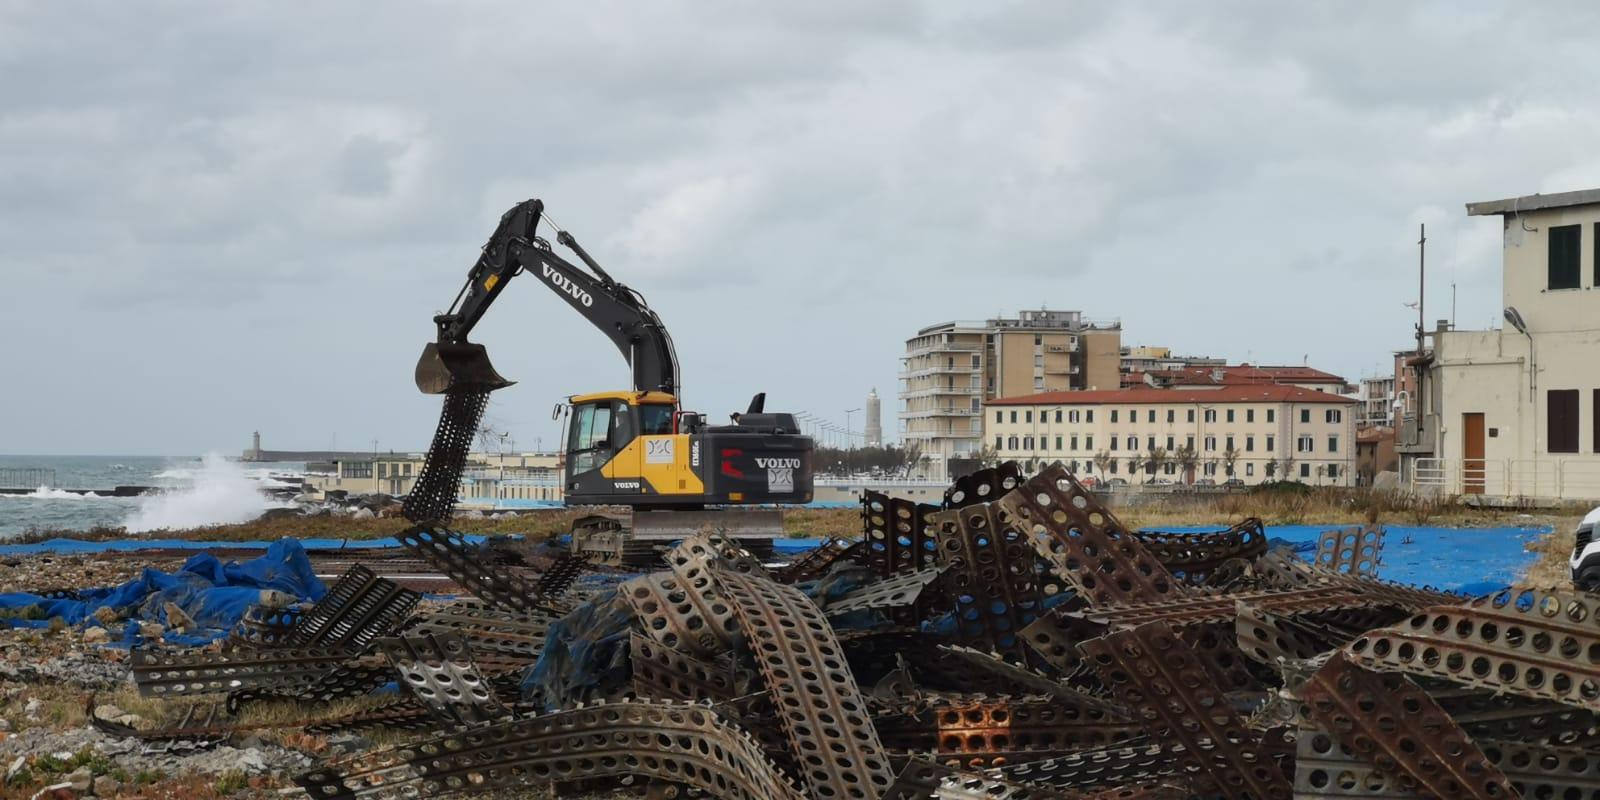 Ecoteti srl per Accademia Navale di Livorno Bonifica Terreni Contaminati, Rimozione Frammenti Eternit.